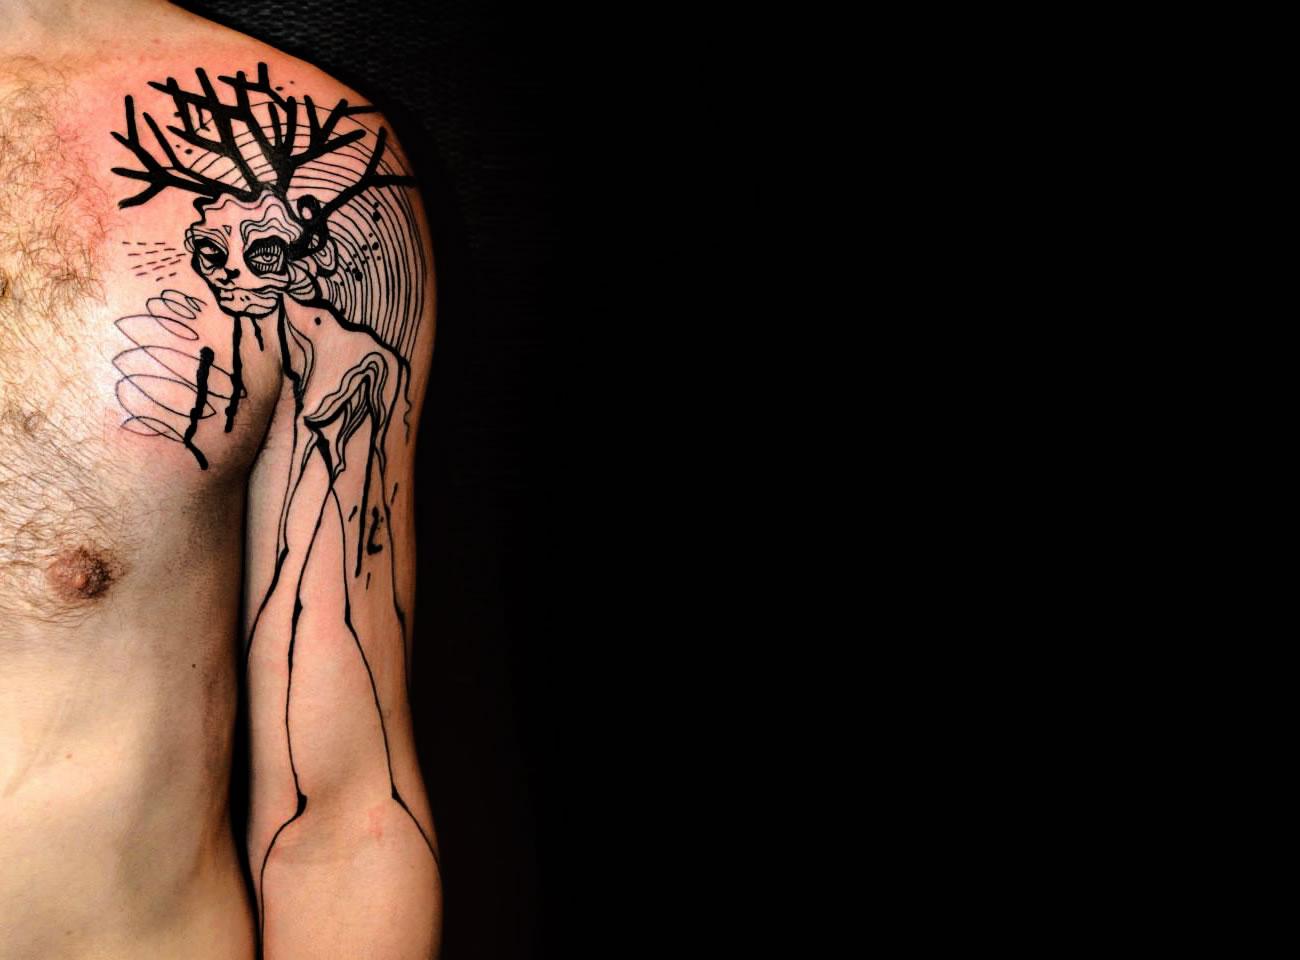 strange creature in ink, tattoo by Petra Hlaváčková